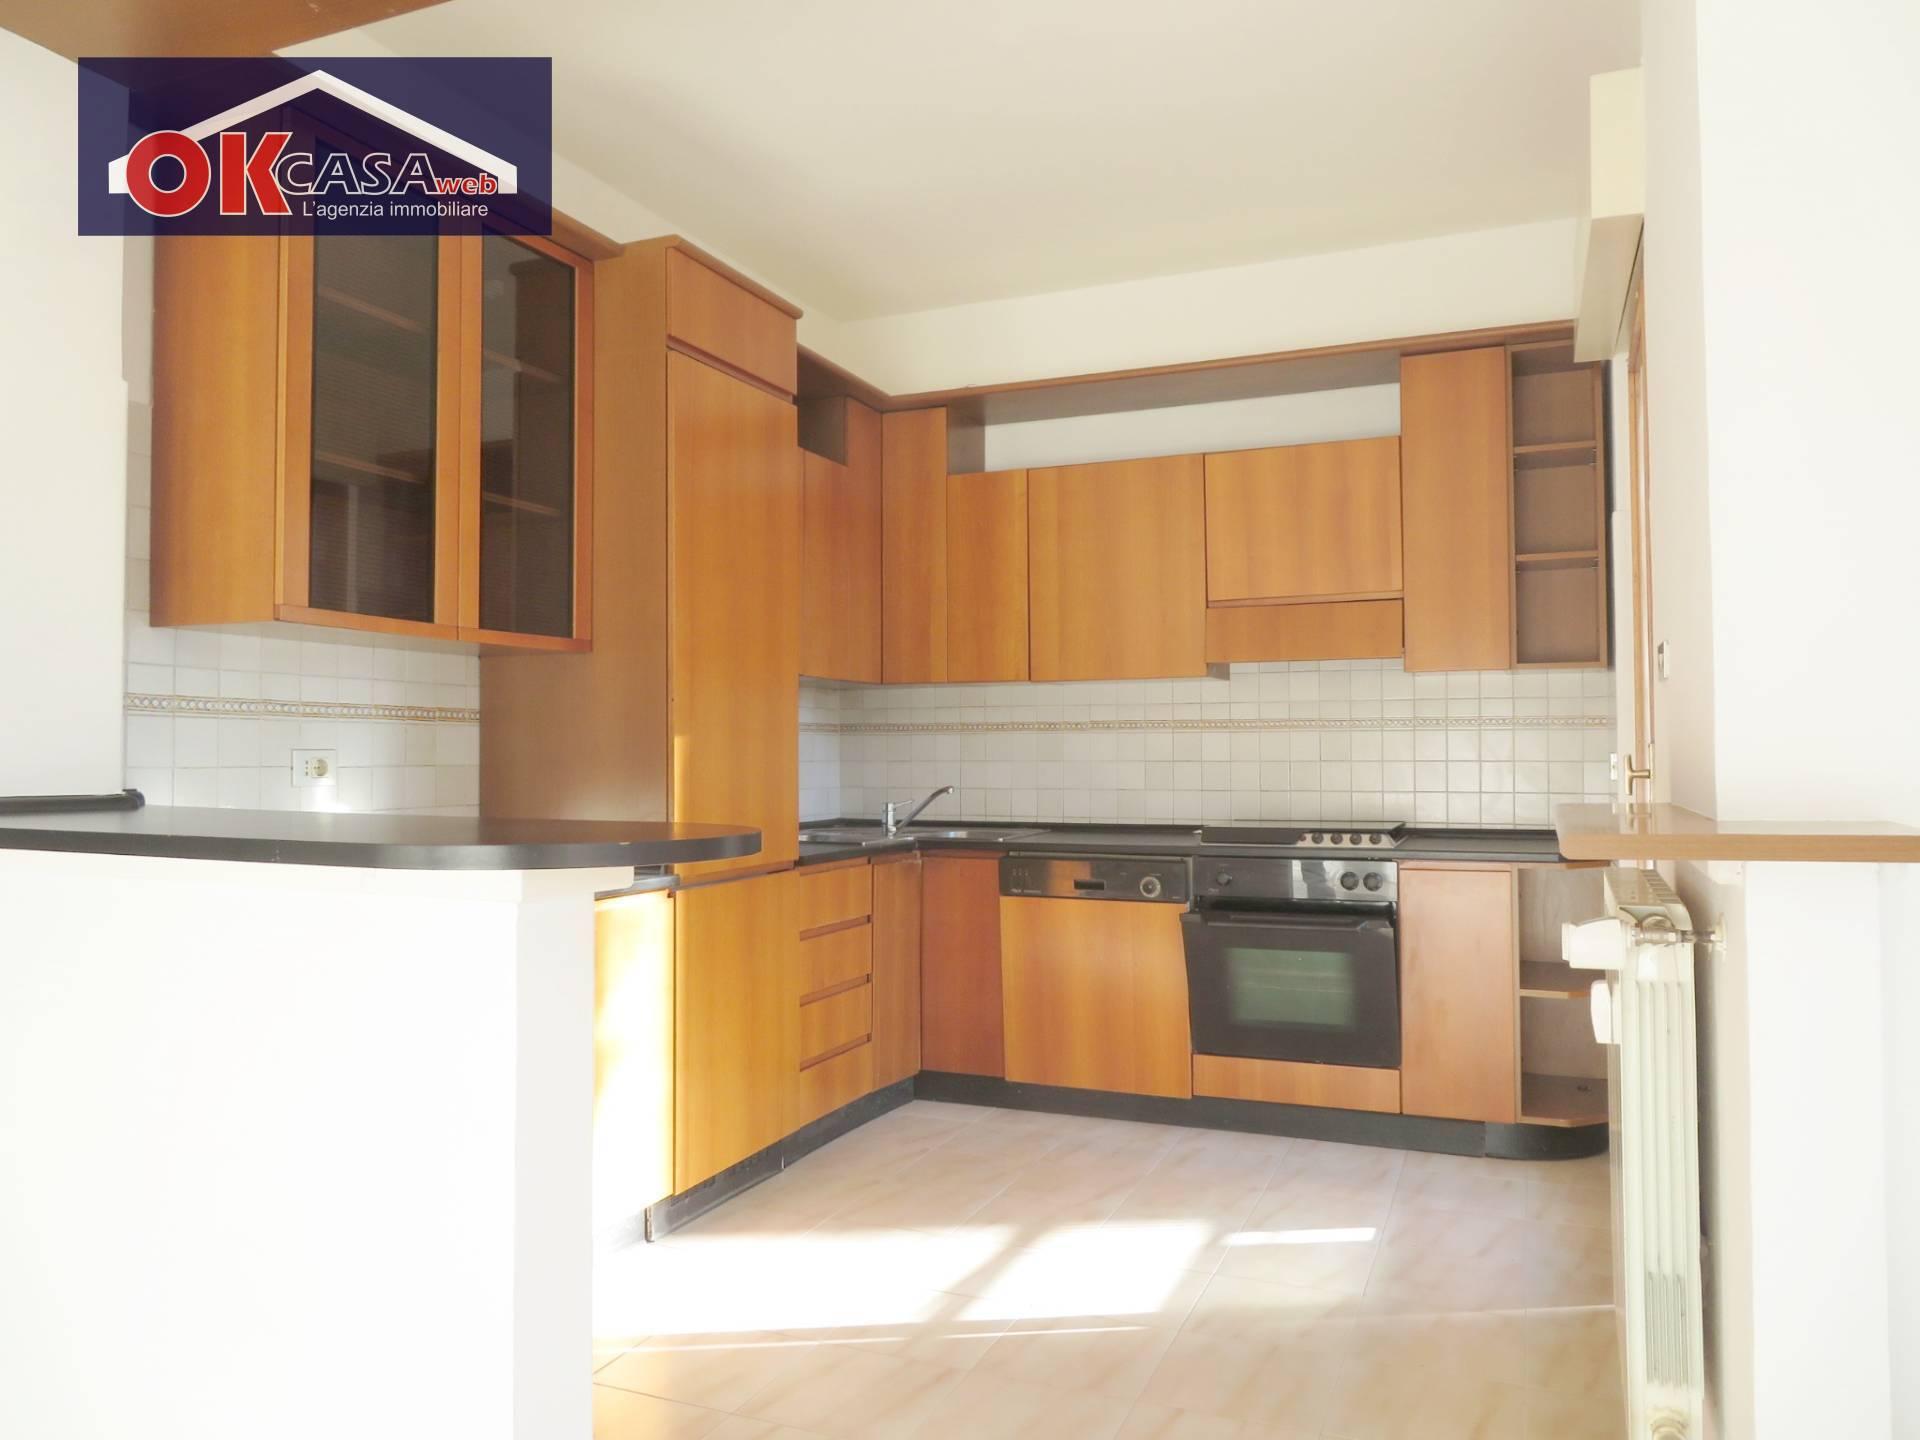 Appartamento in vendita a Gradisca d'Isonzo, 4 locali, prezzo € 88.000 | CambioCasa.it